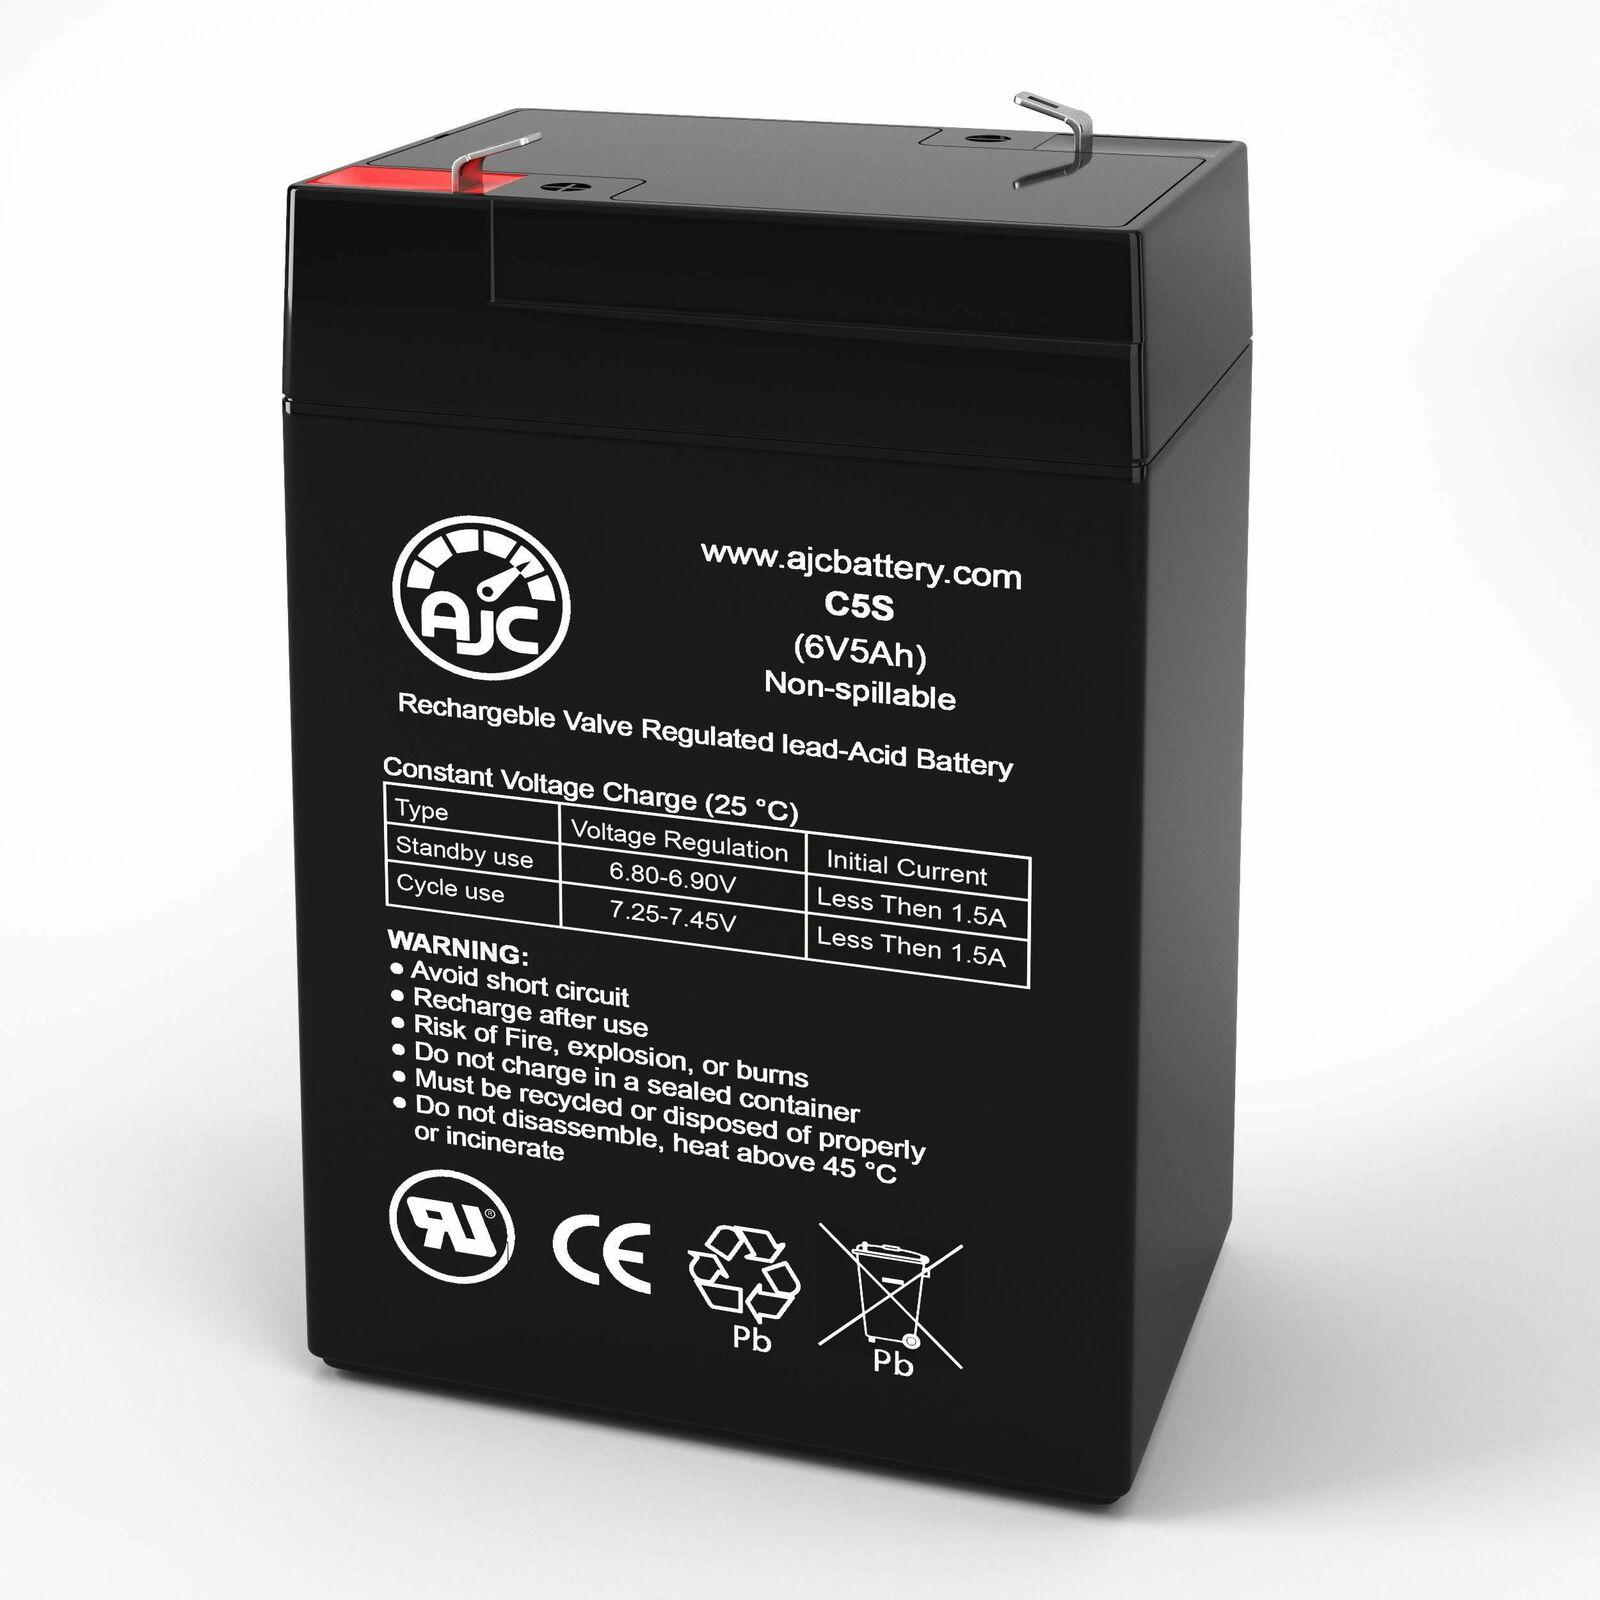 Аккумуляторы (Универсальные батареи и источники энергии) JohnLite cy-0112 6V 5Ah Spotlight Replacement Battery